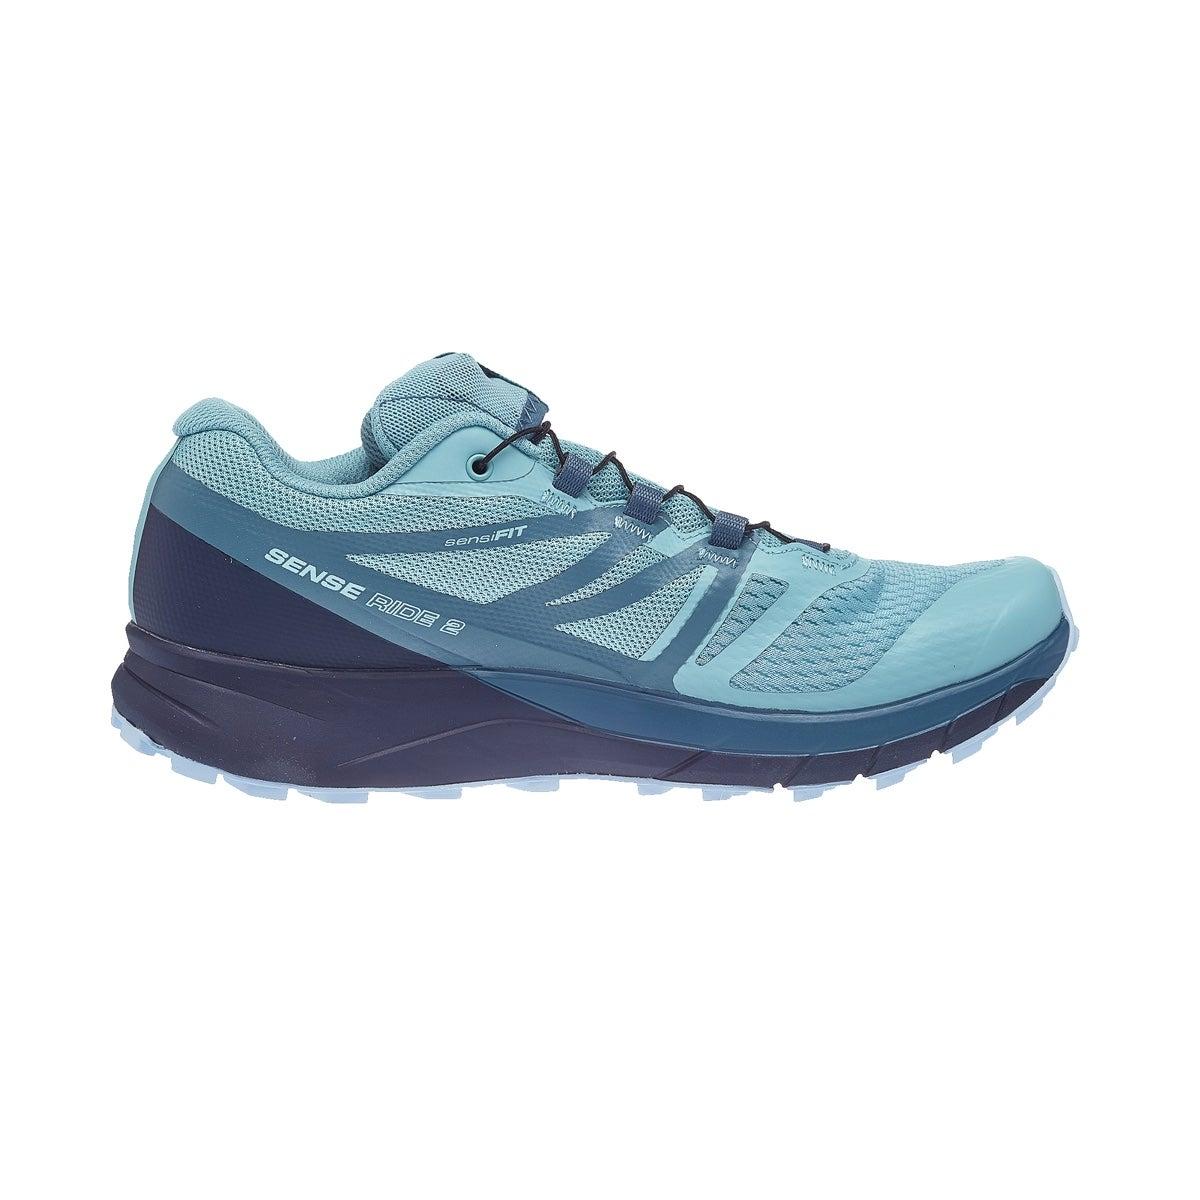 Salomon Sense Ride 2 GTX Invis Fit Women's Shoes Blue 360° View